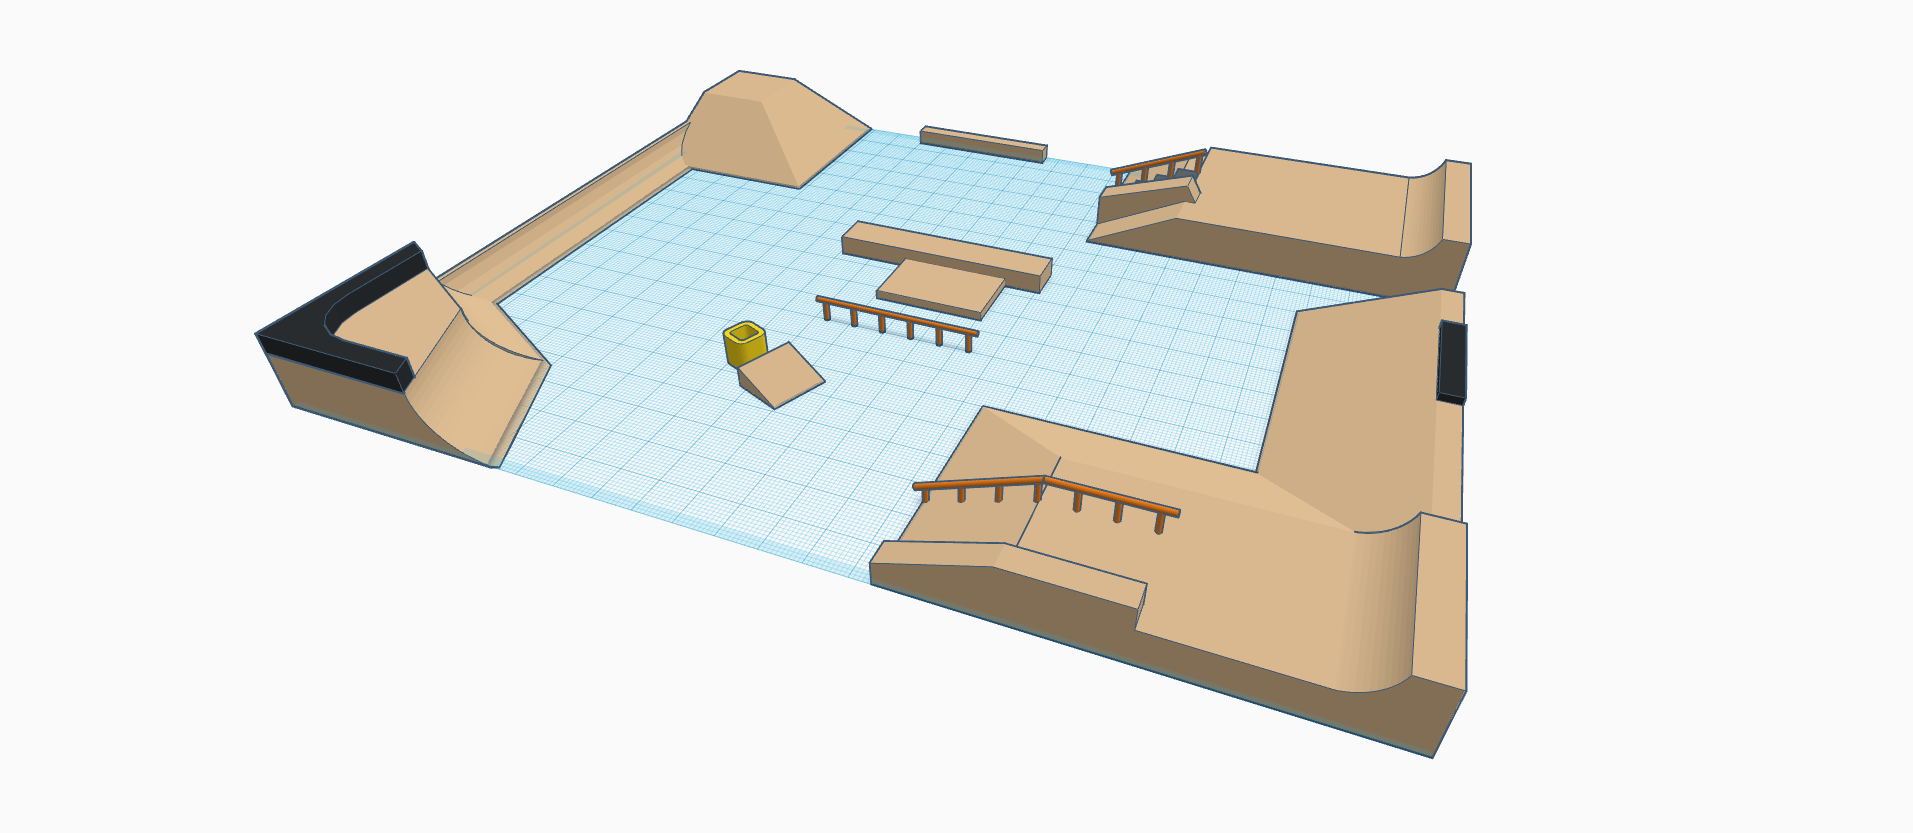 Skatehallen by Matty (3).png Télécharger fichier STL gratuit Hallen v2 • Objet pour impression 3D, mathiassag